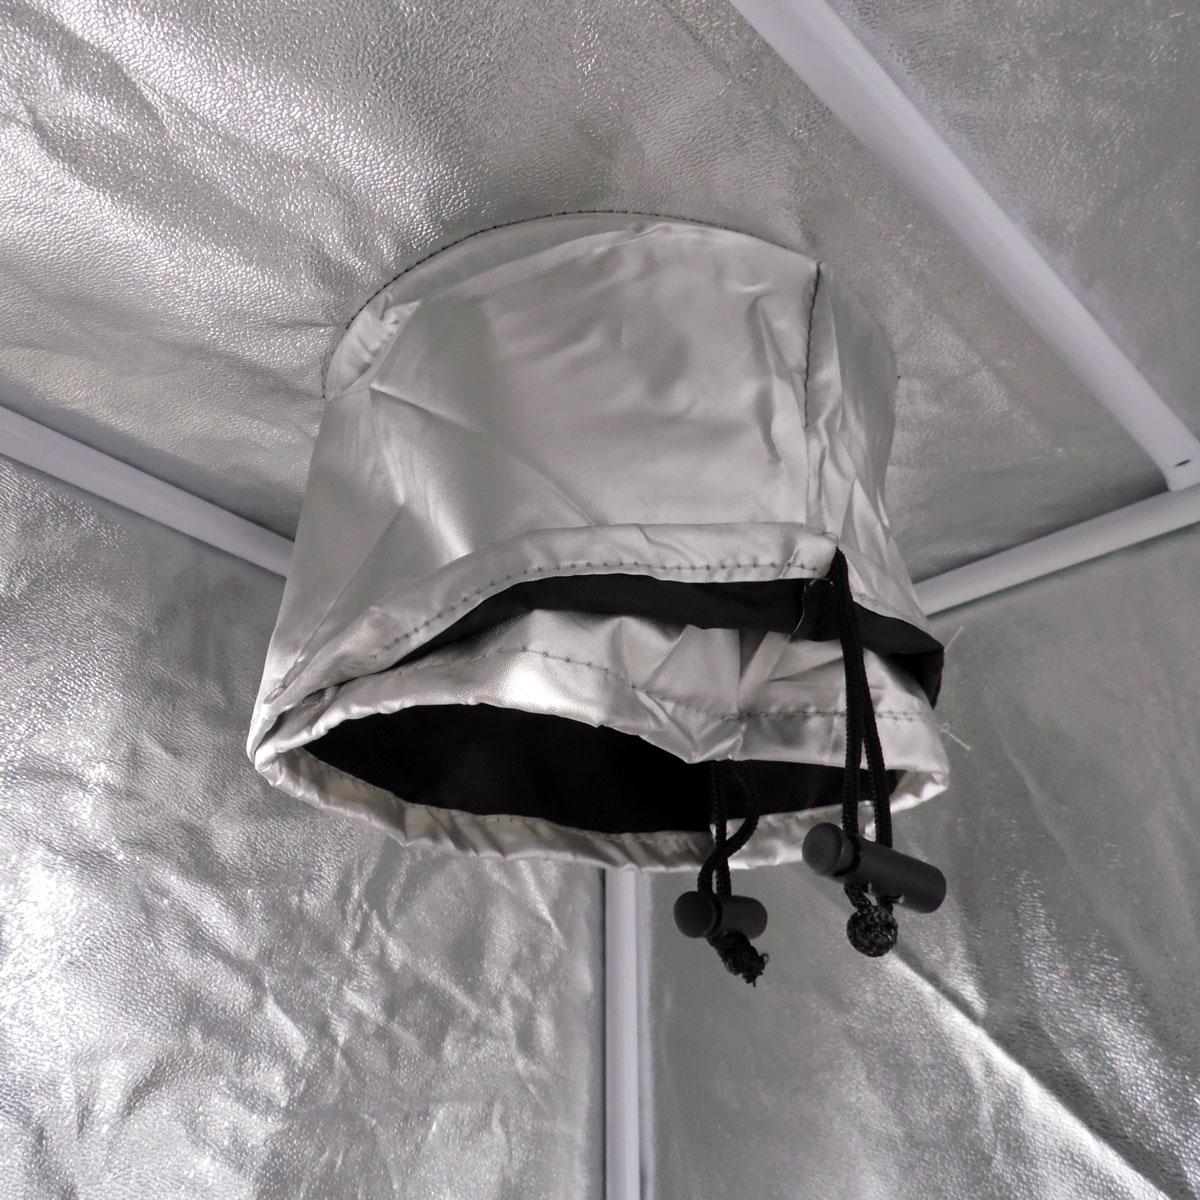 Espace de culture d 39 int rieur m2 pour lampe mh et hps for Tente de culture interieur